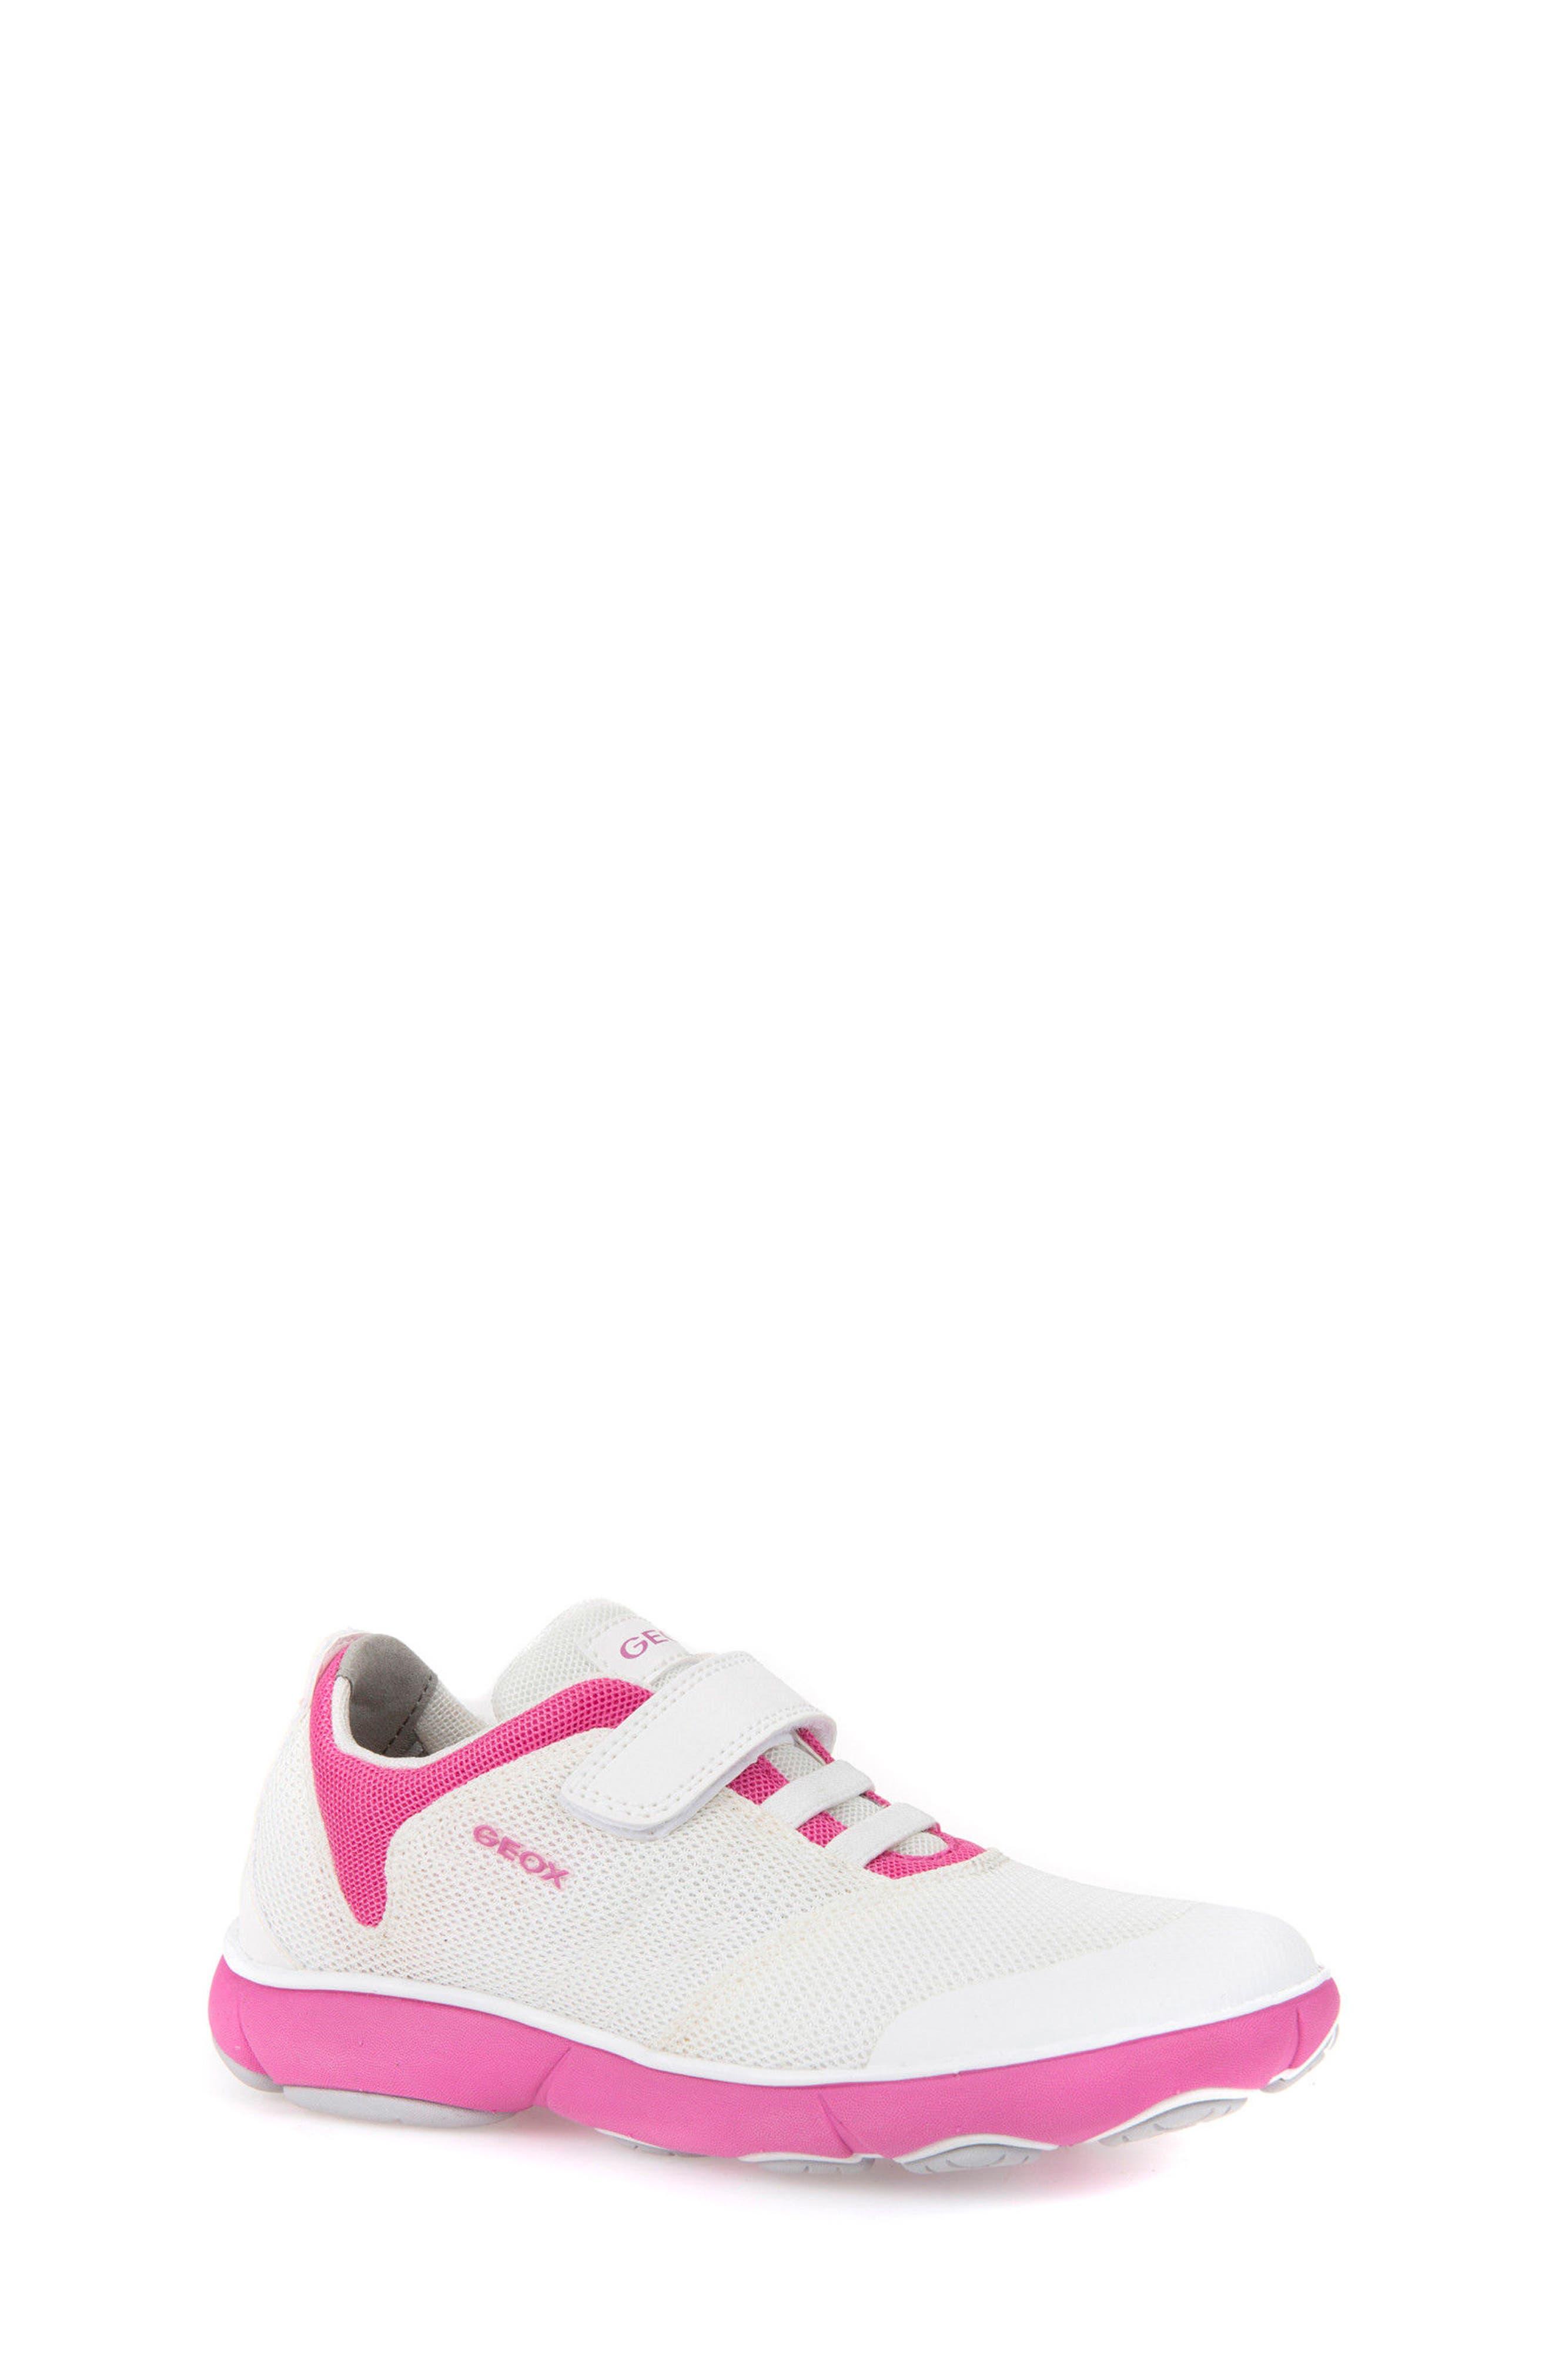 Geox Jr Nebula Waterproof Sneaker